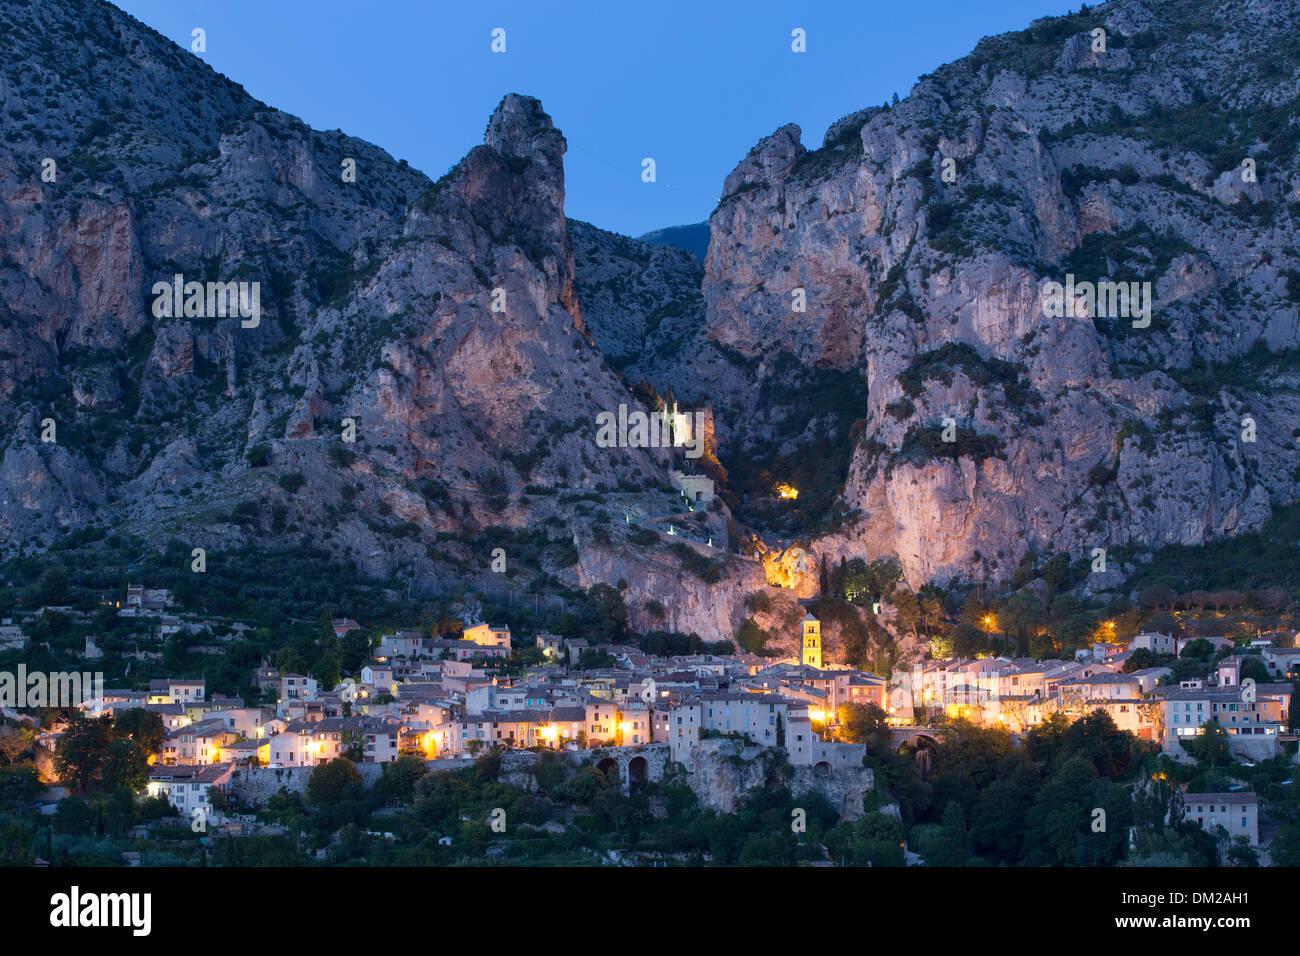 Moustiers-Sainte-Marie at dusk, Alpes-de-Haute-Provence, France - Stock Image